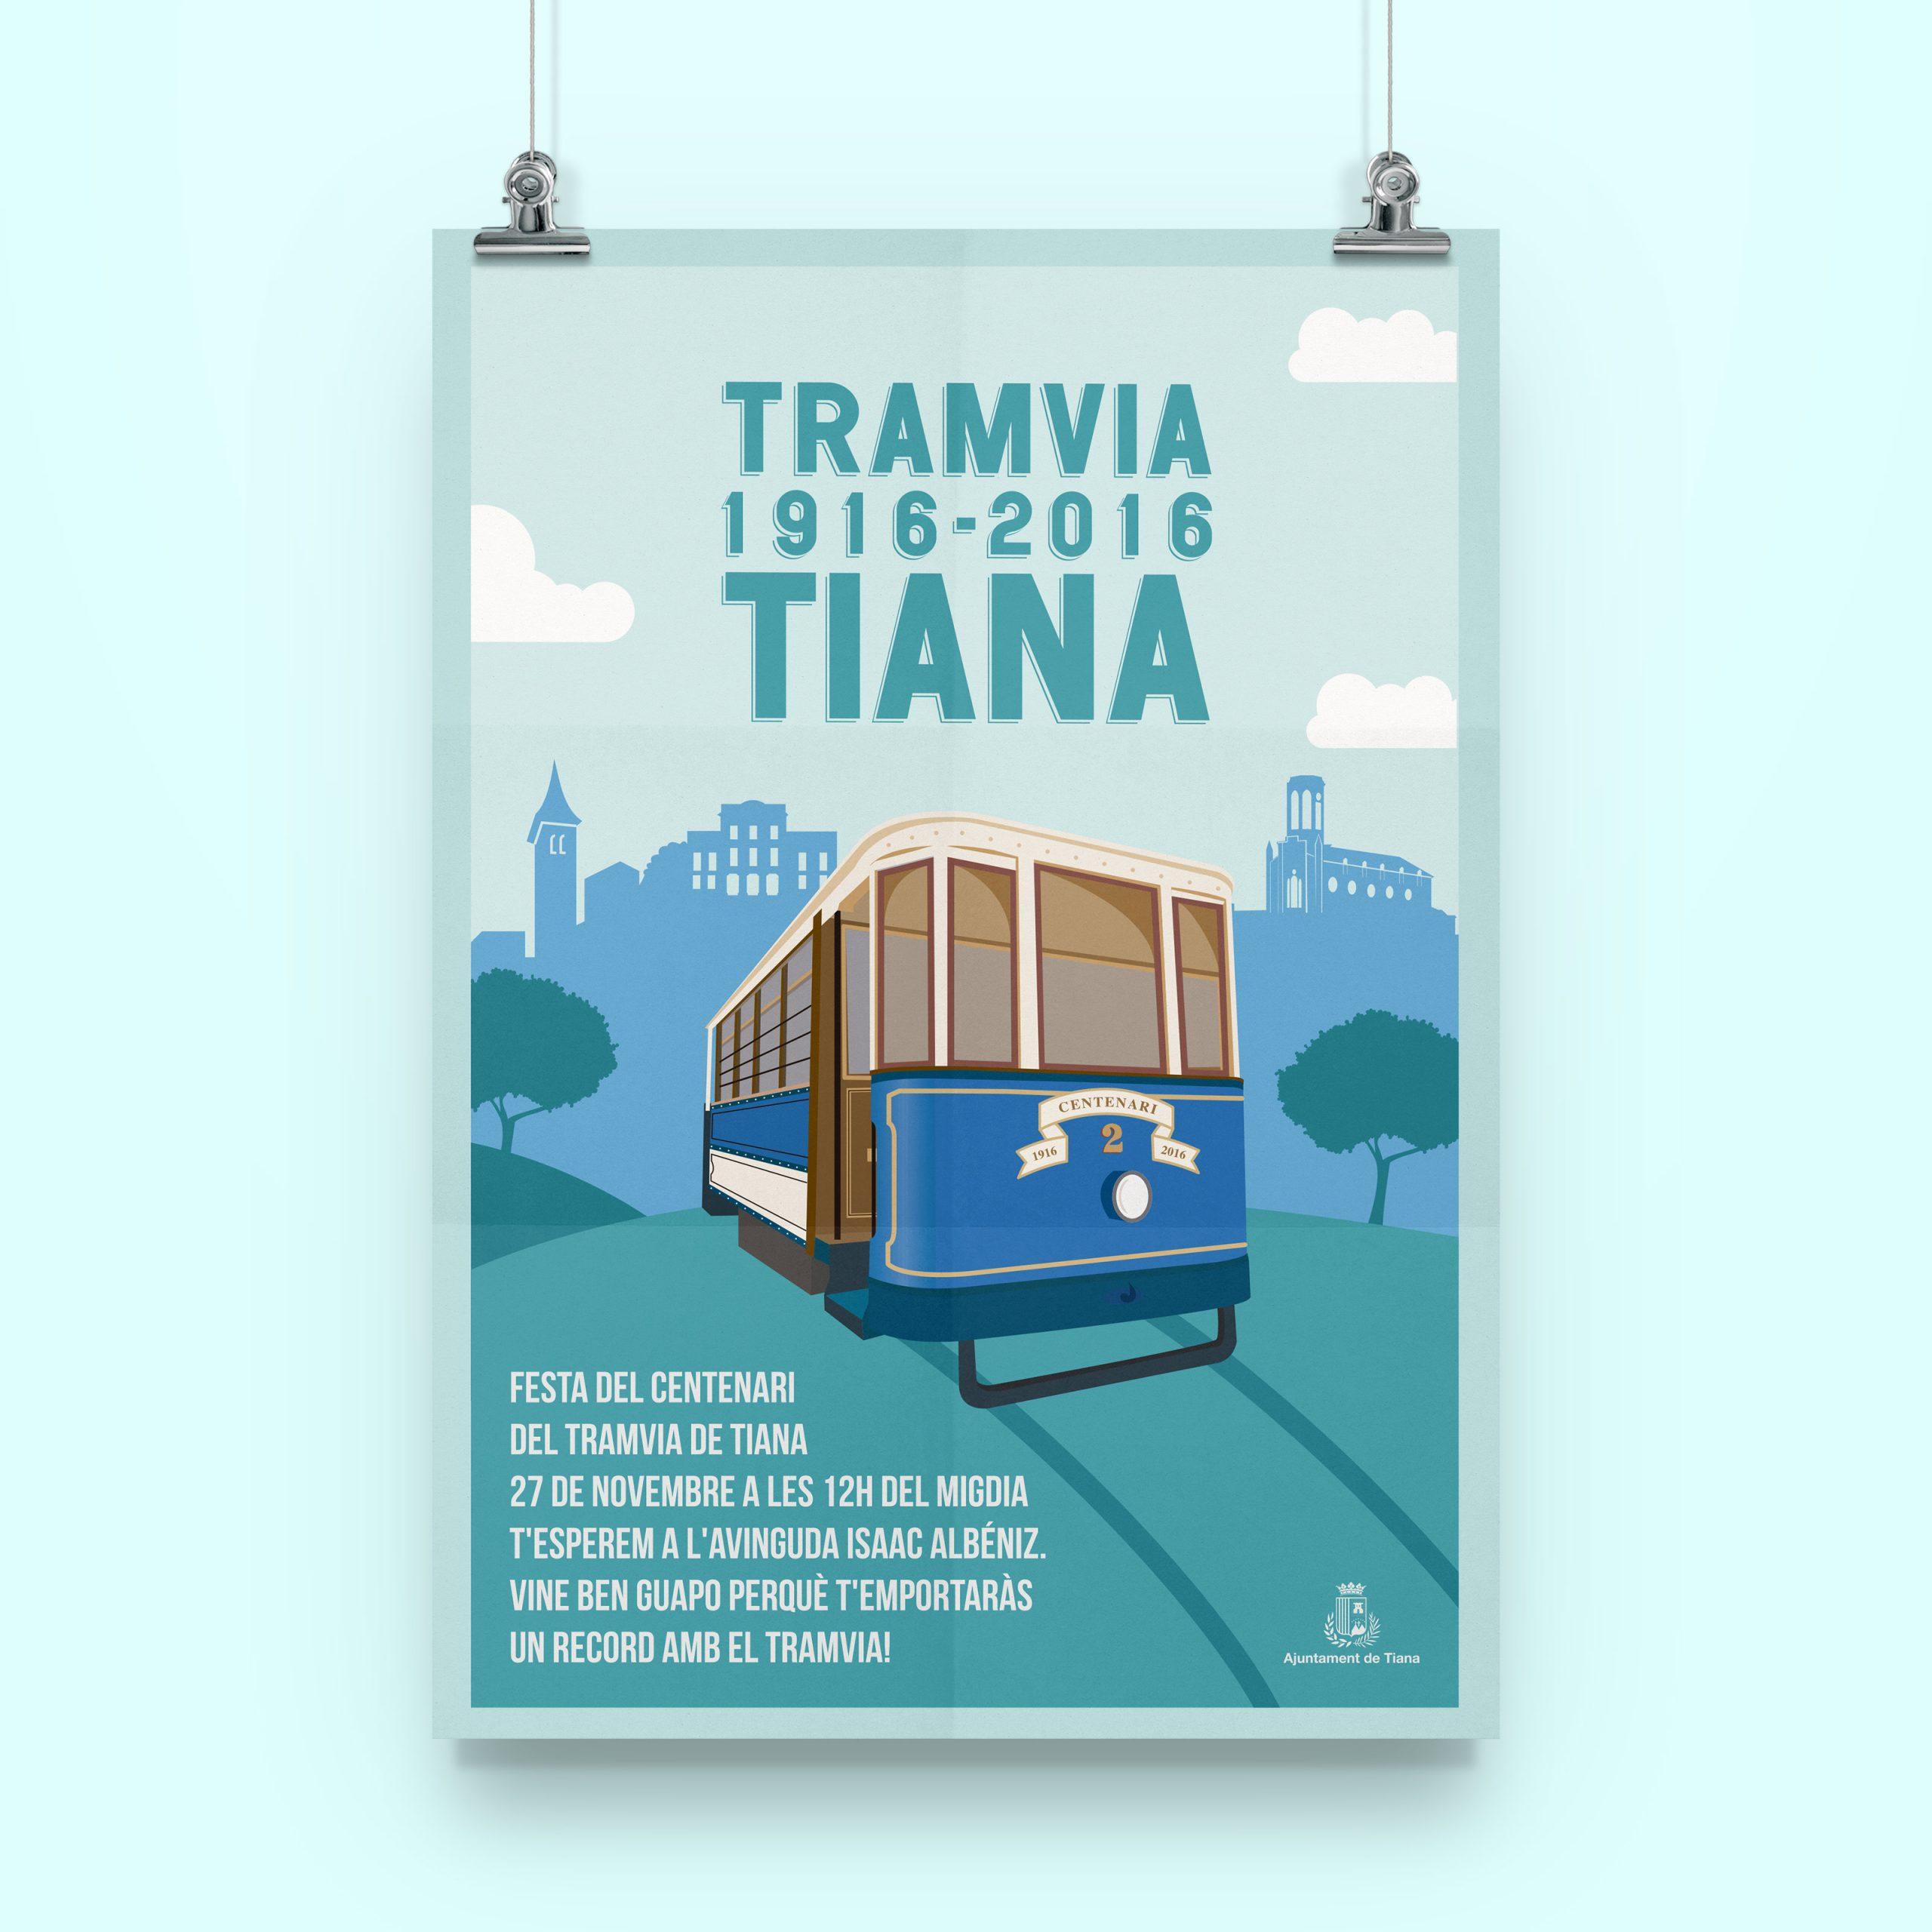 Tramvia Tiana